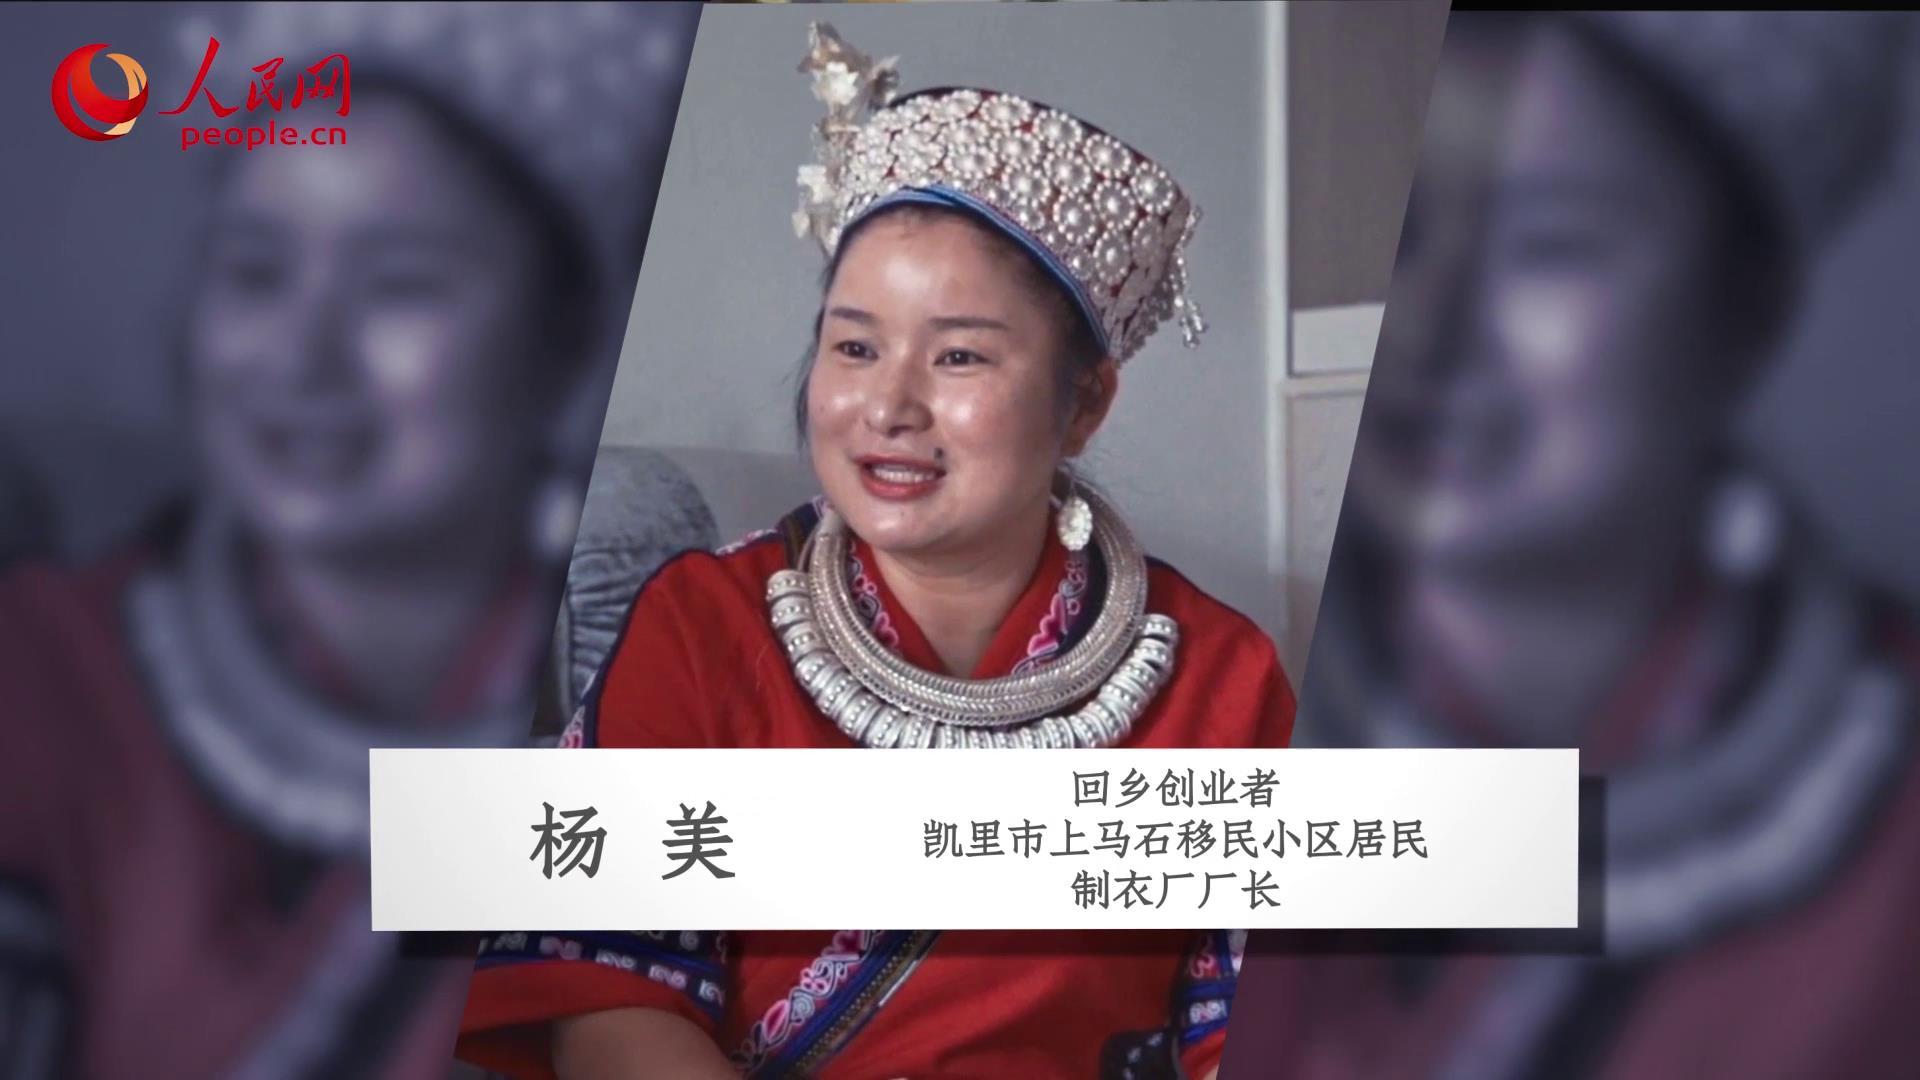 杨美:从打工妹到创业者 苗乡姑娘的华丽蜕变图片